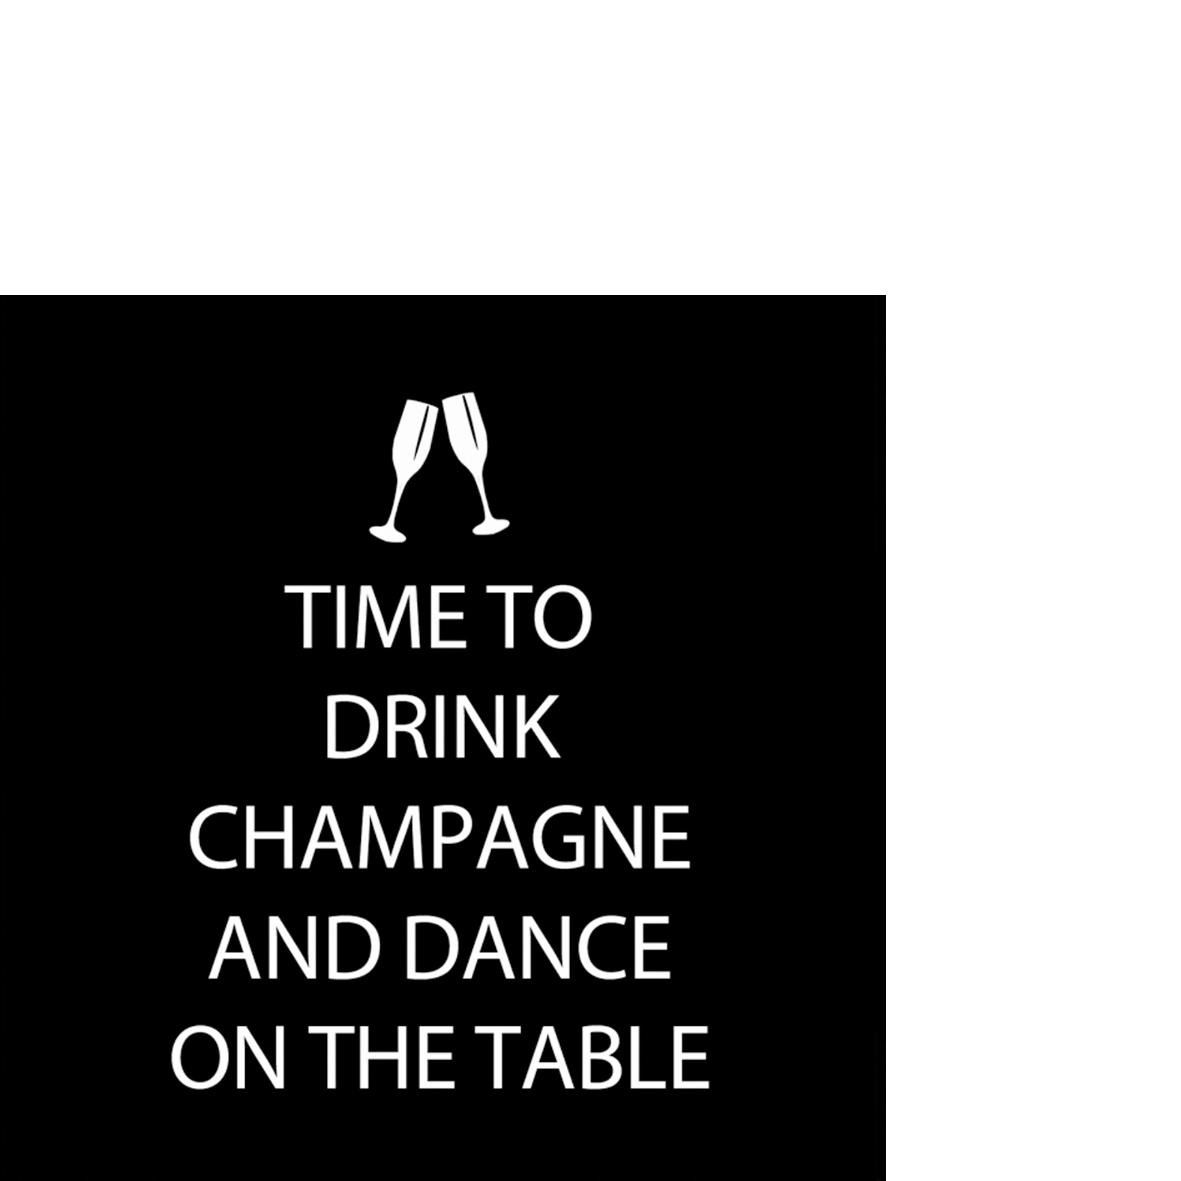 Cocktail Servietten Drink Champagne                  ,  Getränke - Wein / Sekt,   geprägte Servietten,  Everyday,  cocktail servietten,  Schriften,  lustig